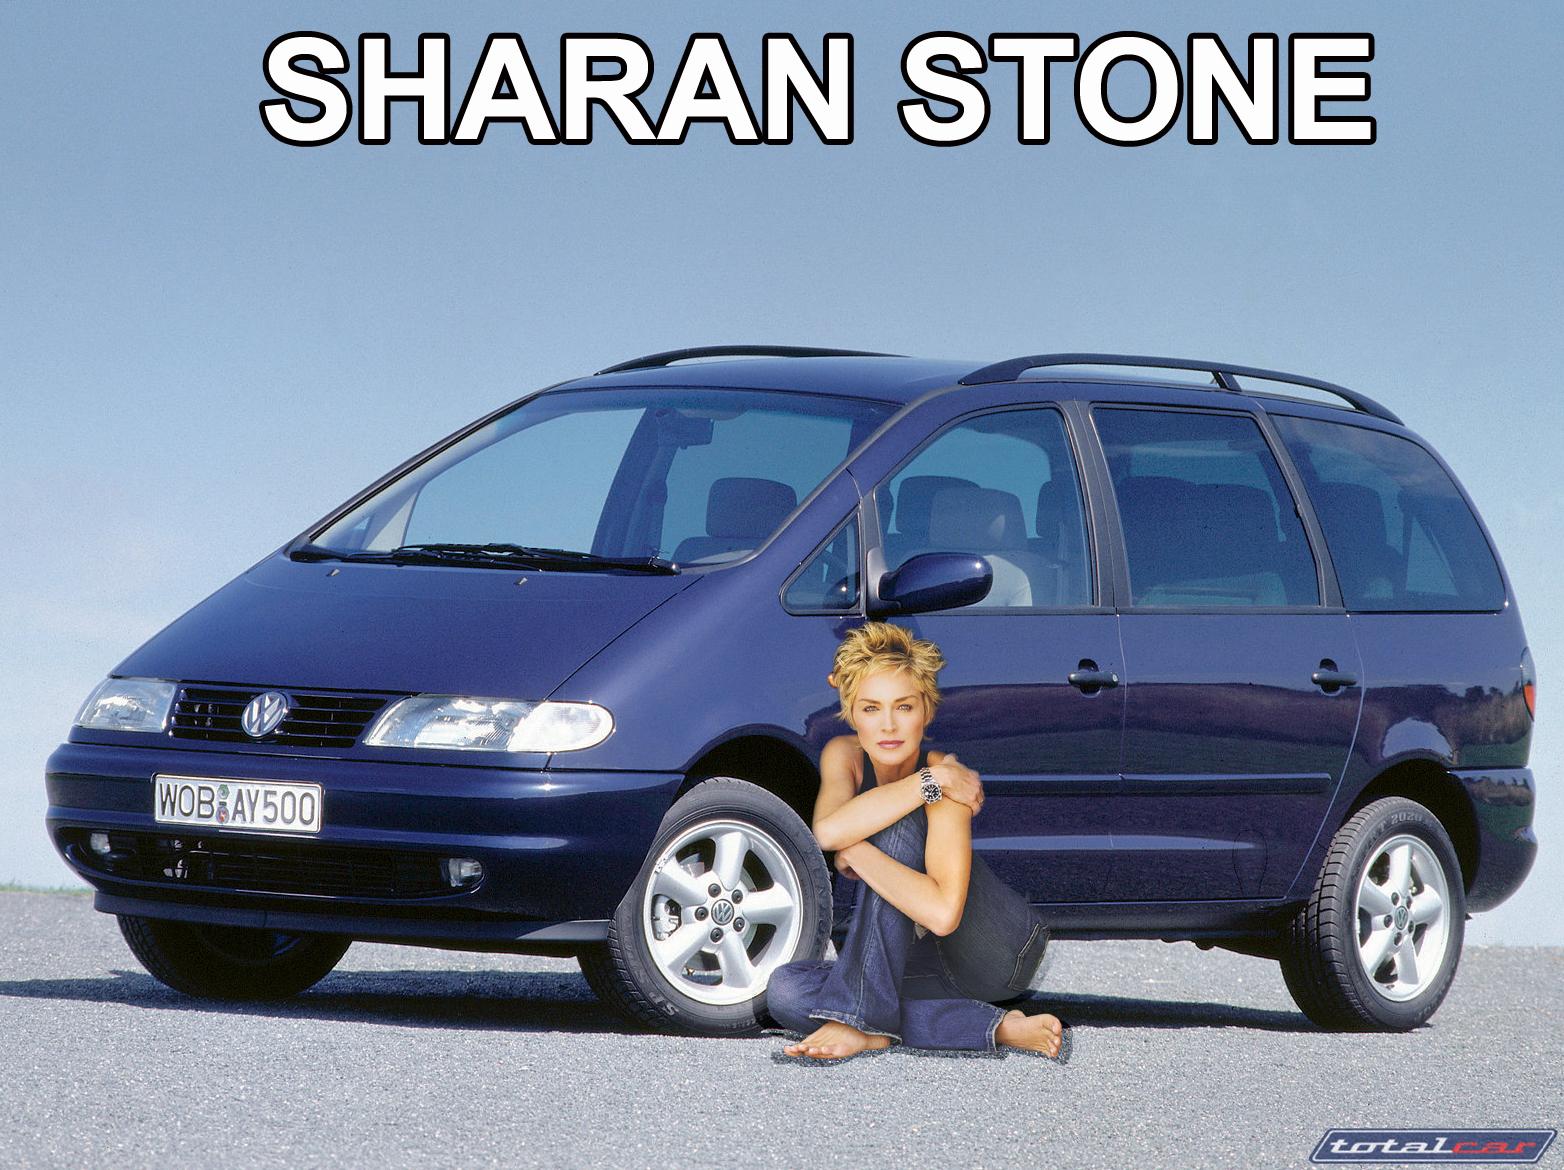 sharan_stone.jpg